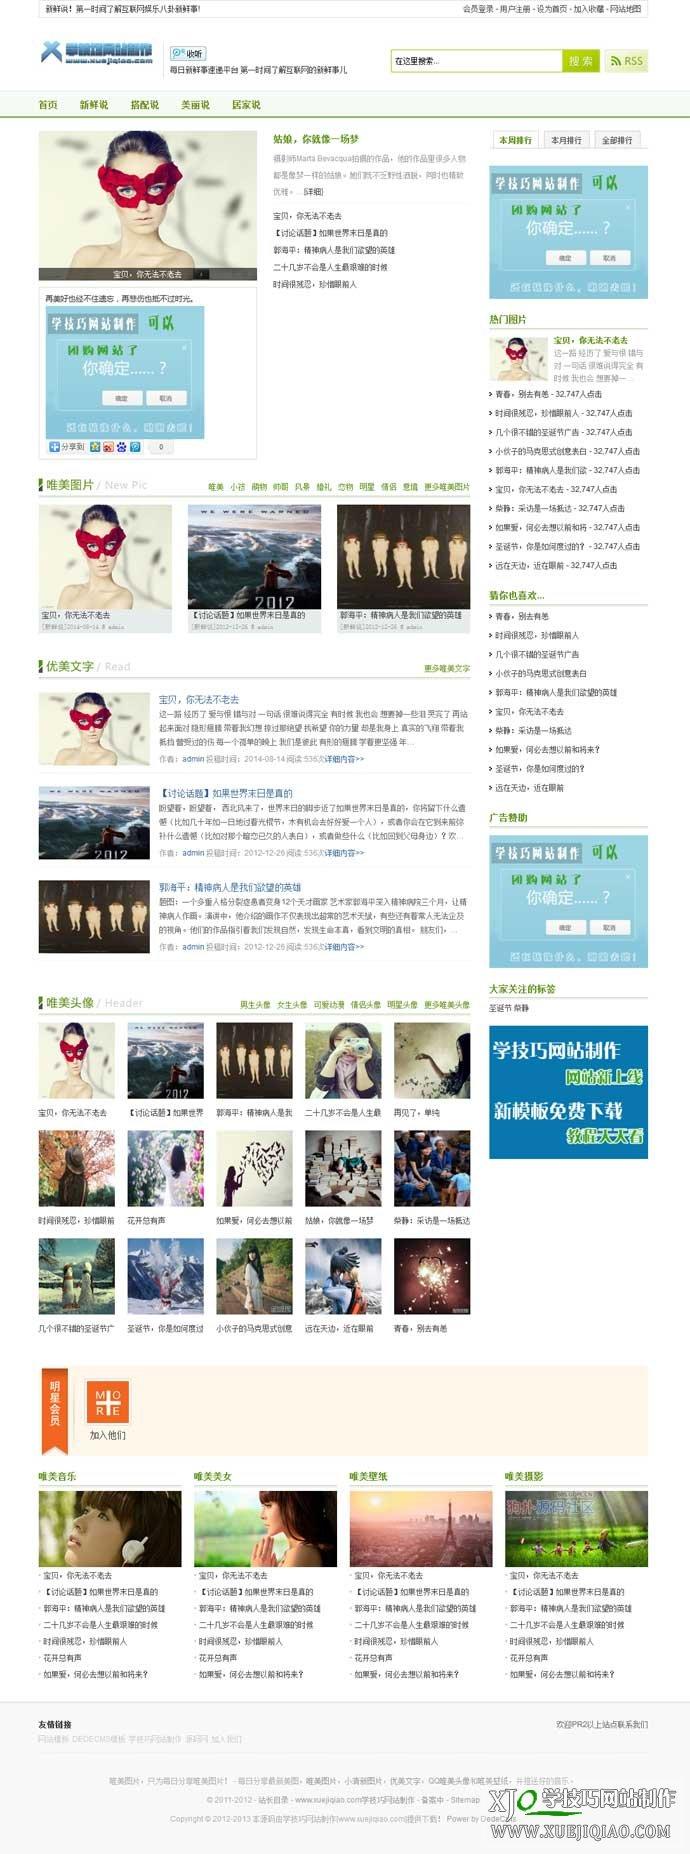 dedecms小清新文章站 淡绿色风格